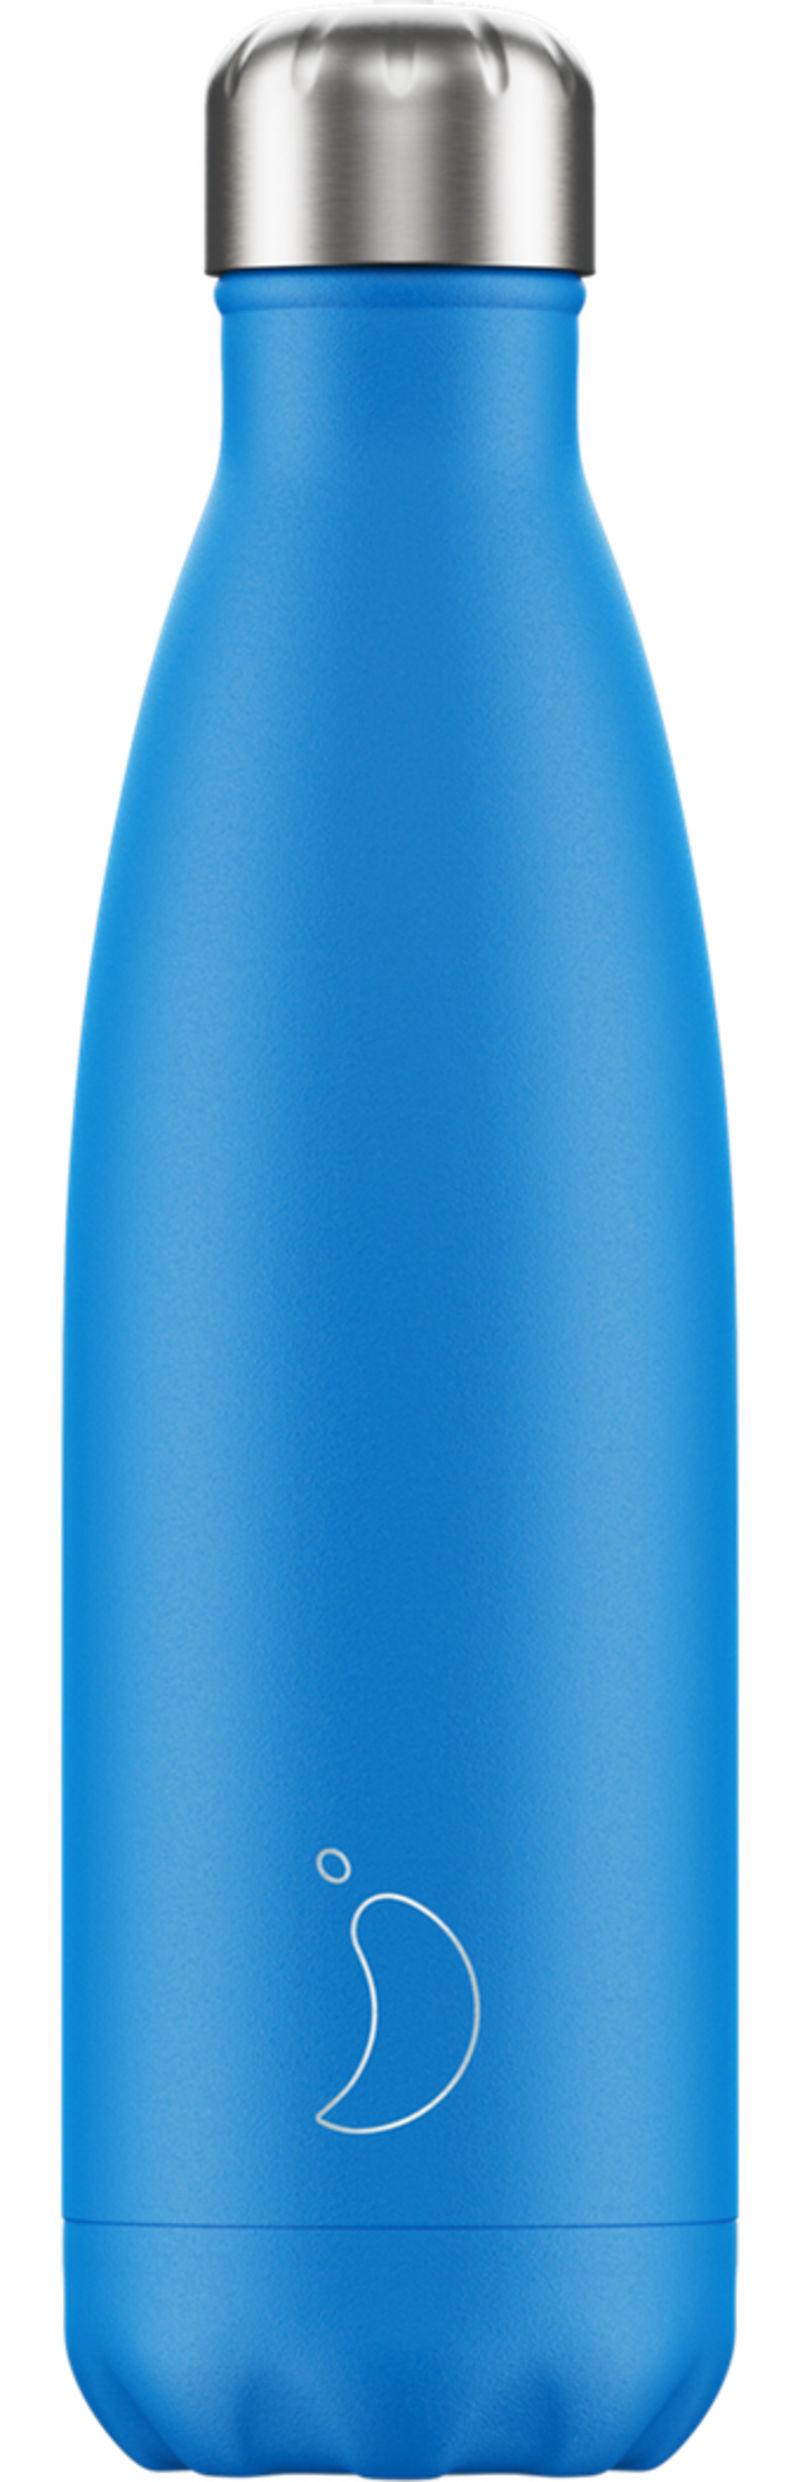 Botella Inox Azul Neon 750ml -